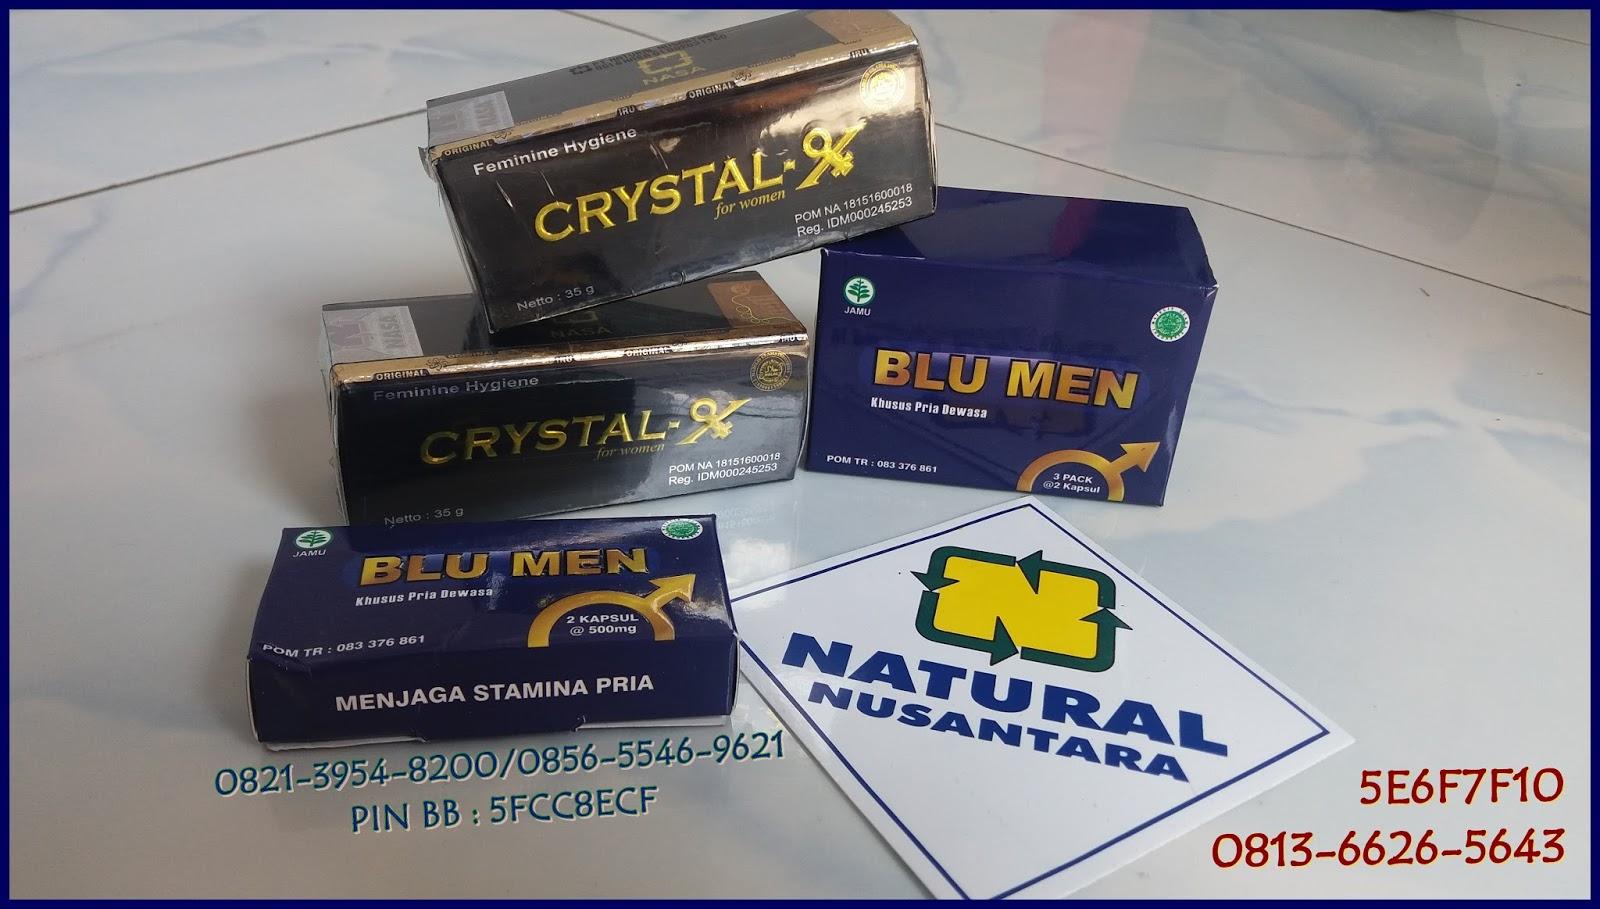 Jual Blumen Nasa Obat Kuat Pria Harga Terjangkau Distributor Resmi Crystal X Cristal Kristal Original Herbal Keputihan Jutaan Wanita Sudah Menggunakan Ini Yang Aman Dan Ampuh Mengatasi Segala Keluhan Mulai Dari Bau Tidak Sedap